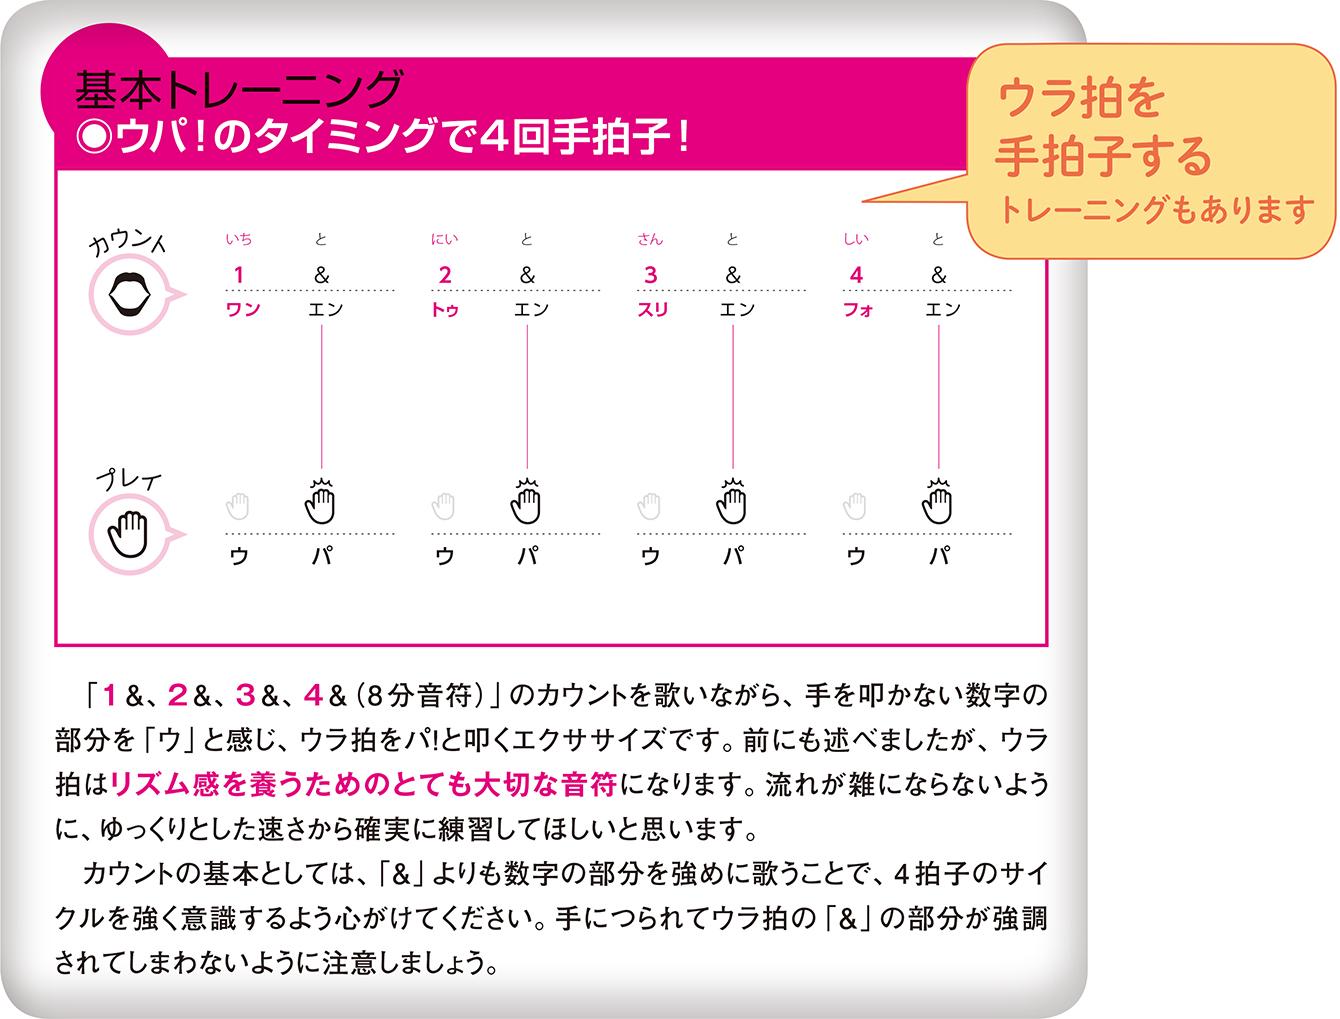 http://musicschool-navi.jp/columns/assets/2018/keion04/keion_v4_feature1_01-03.jpg